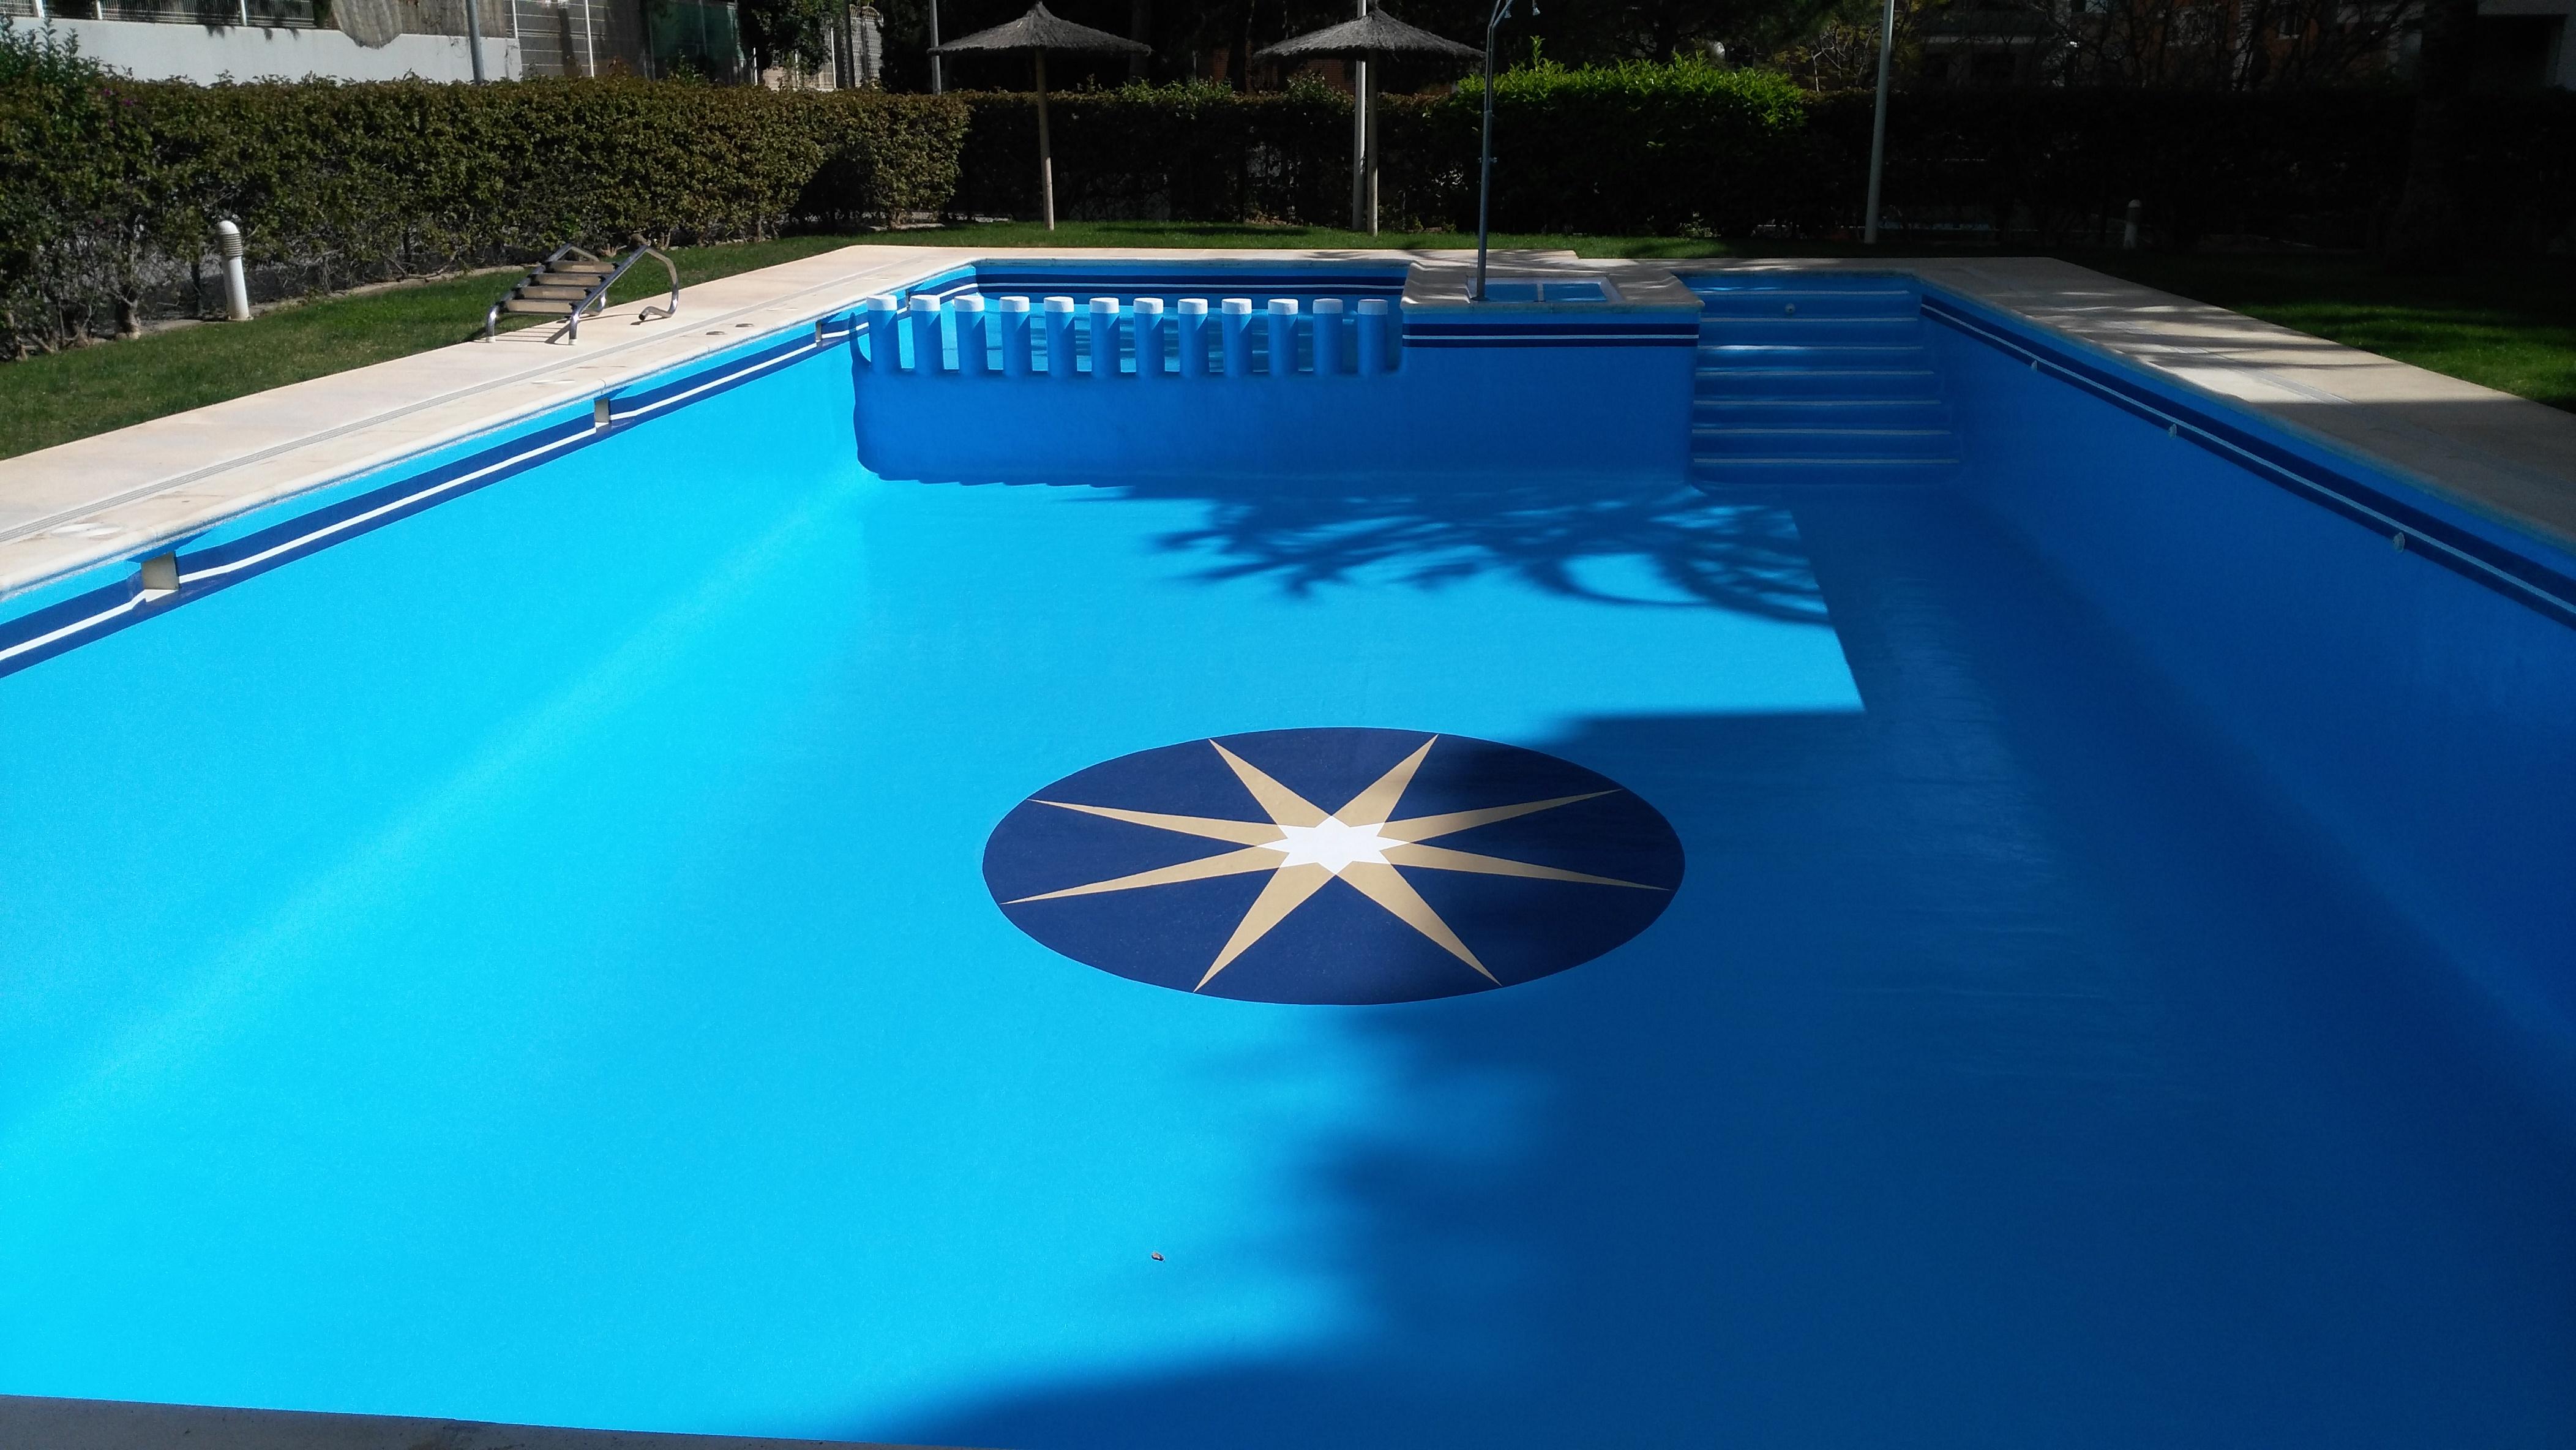 Vea trabajos de impermeabilizaci n impermeabilizaciones massamagrell valencia - Mantenimiento piscinas valencia ...